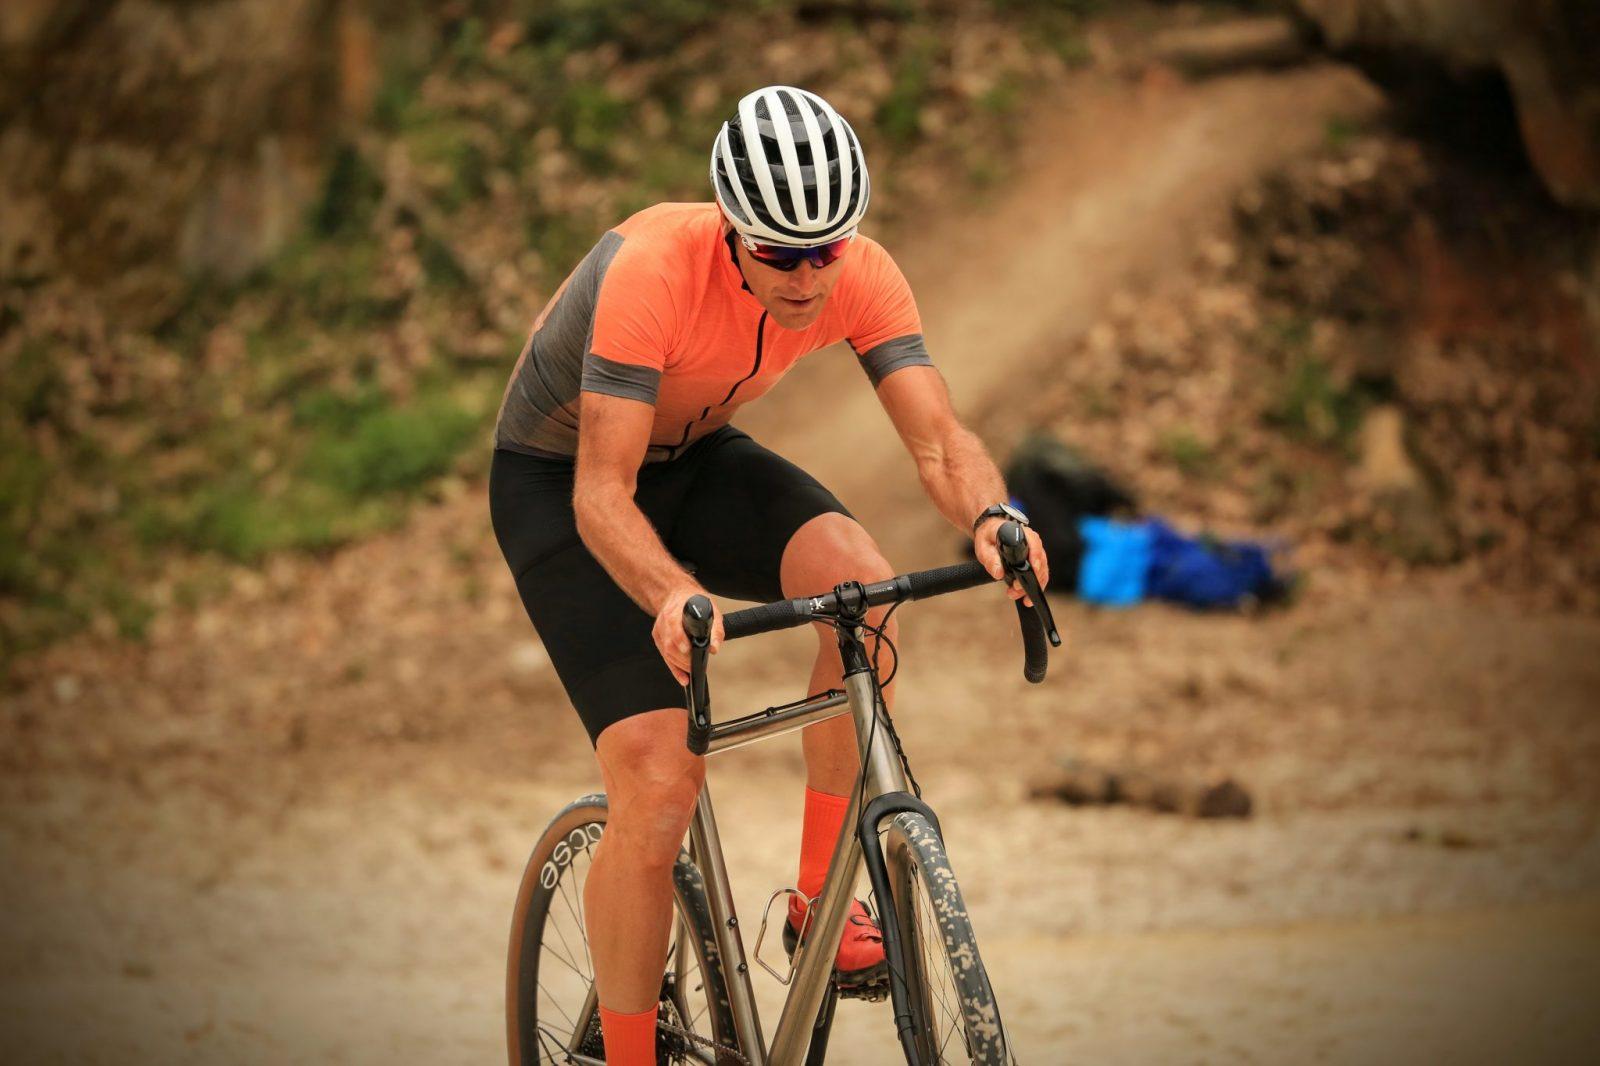 Cycliste gravel maillot gravel orange cuissard gravel